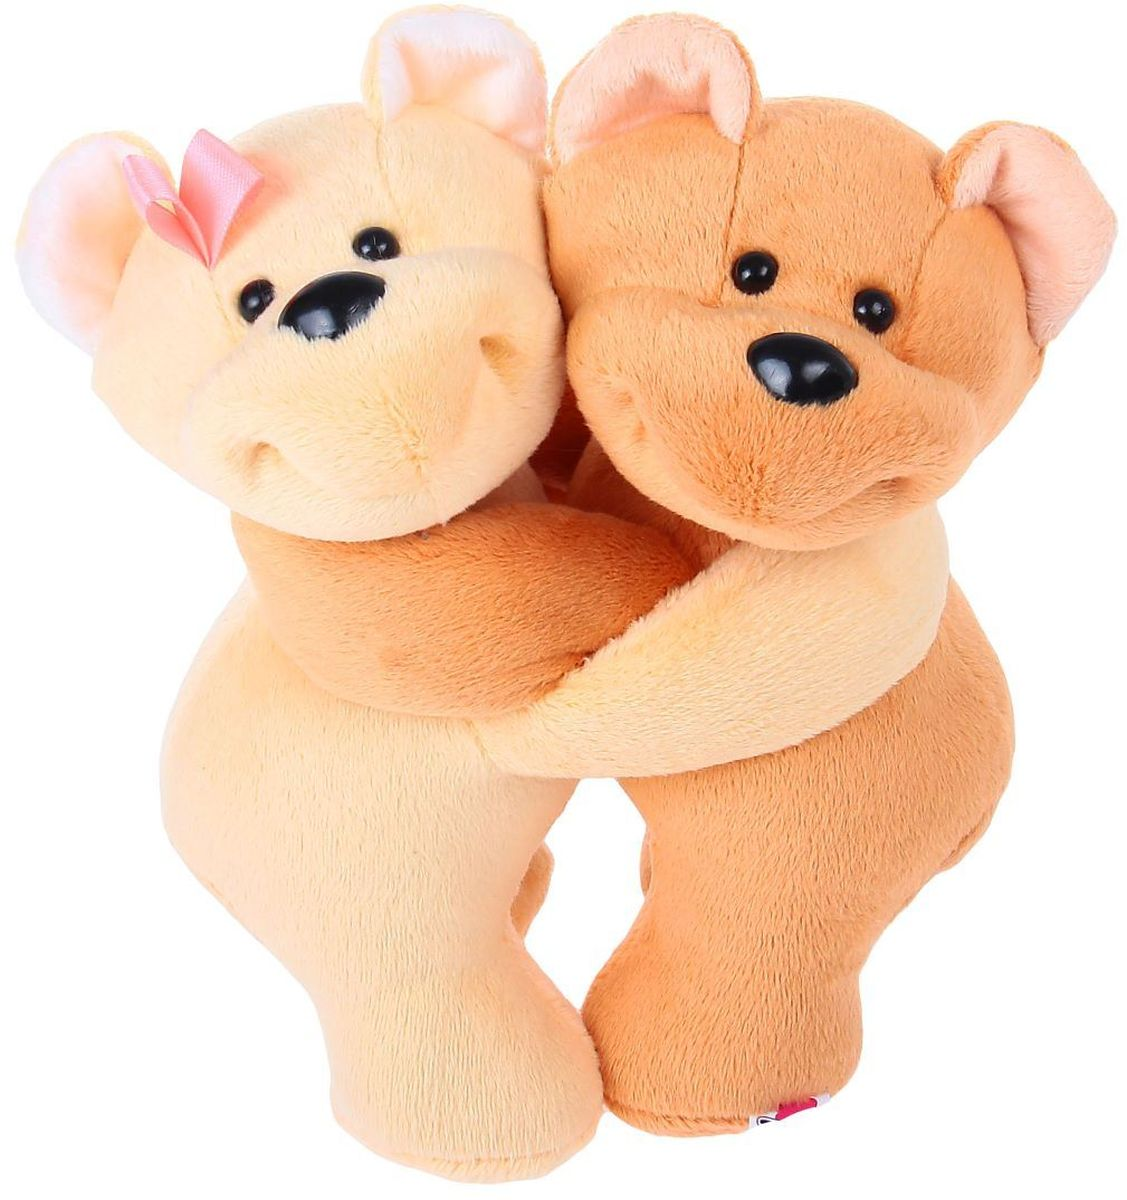 Мальвина Мягкая игрушка Мишки Валентинки 22 см 2061648, Мягкие игрушки  - купить со скидкой